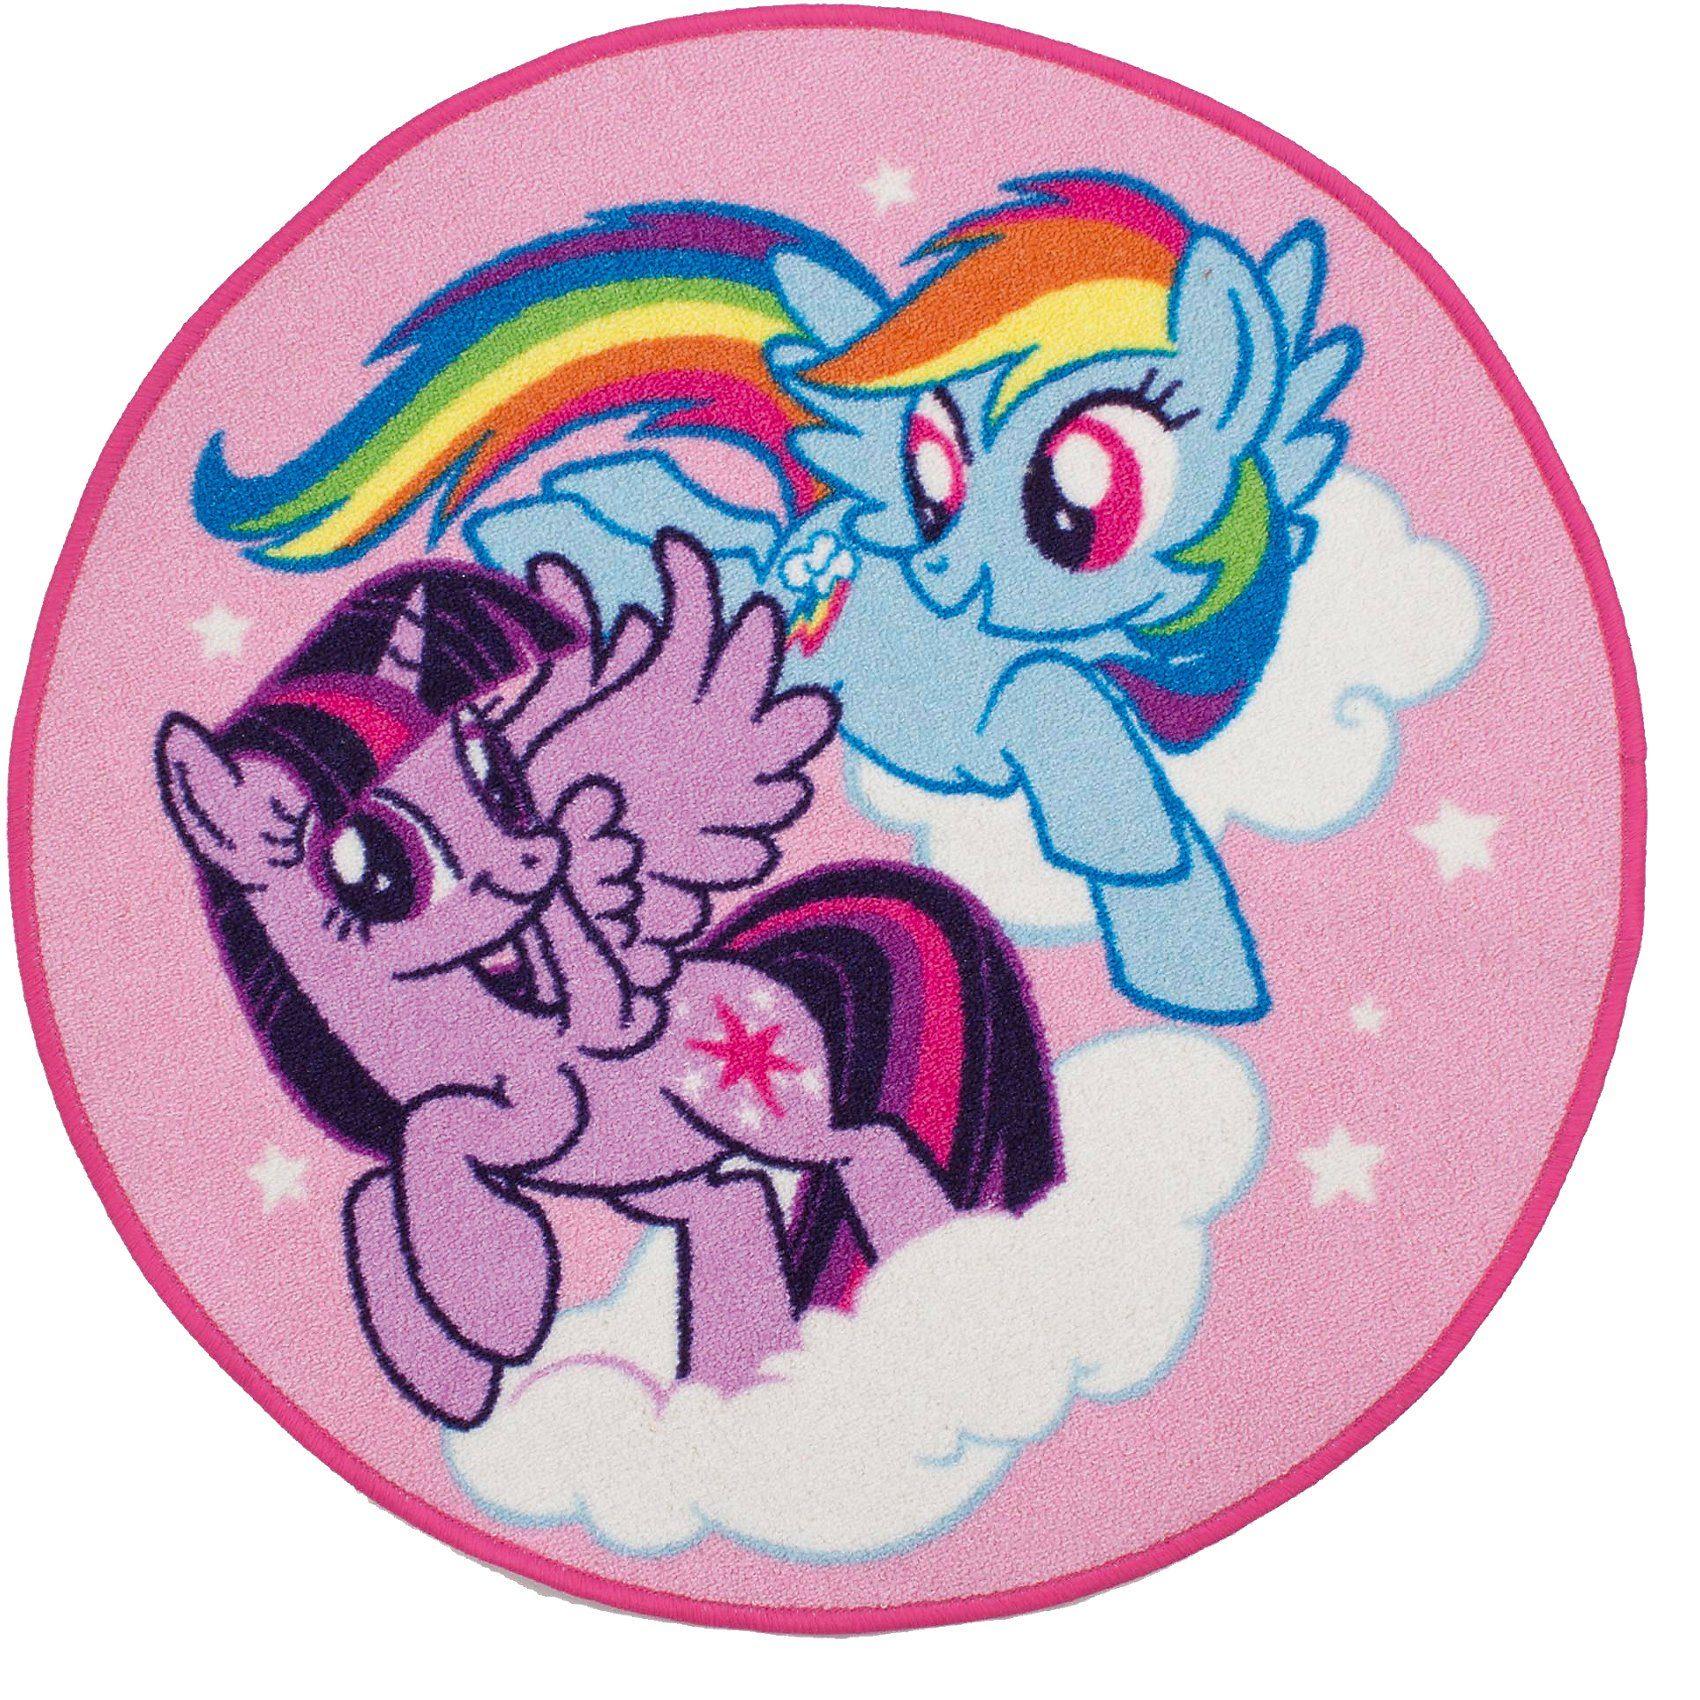 Kinderteppich My little Pony, 80 x 80 cm